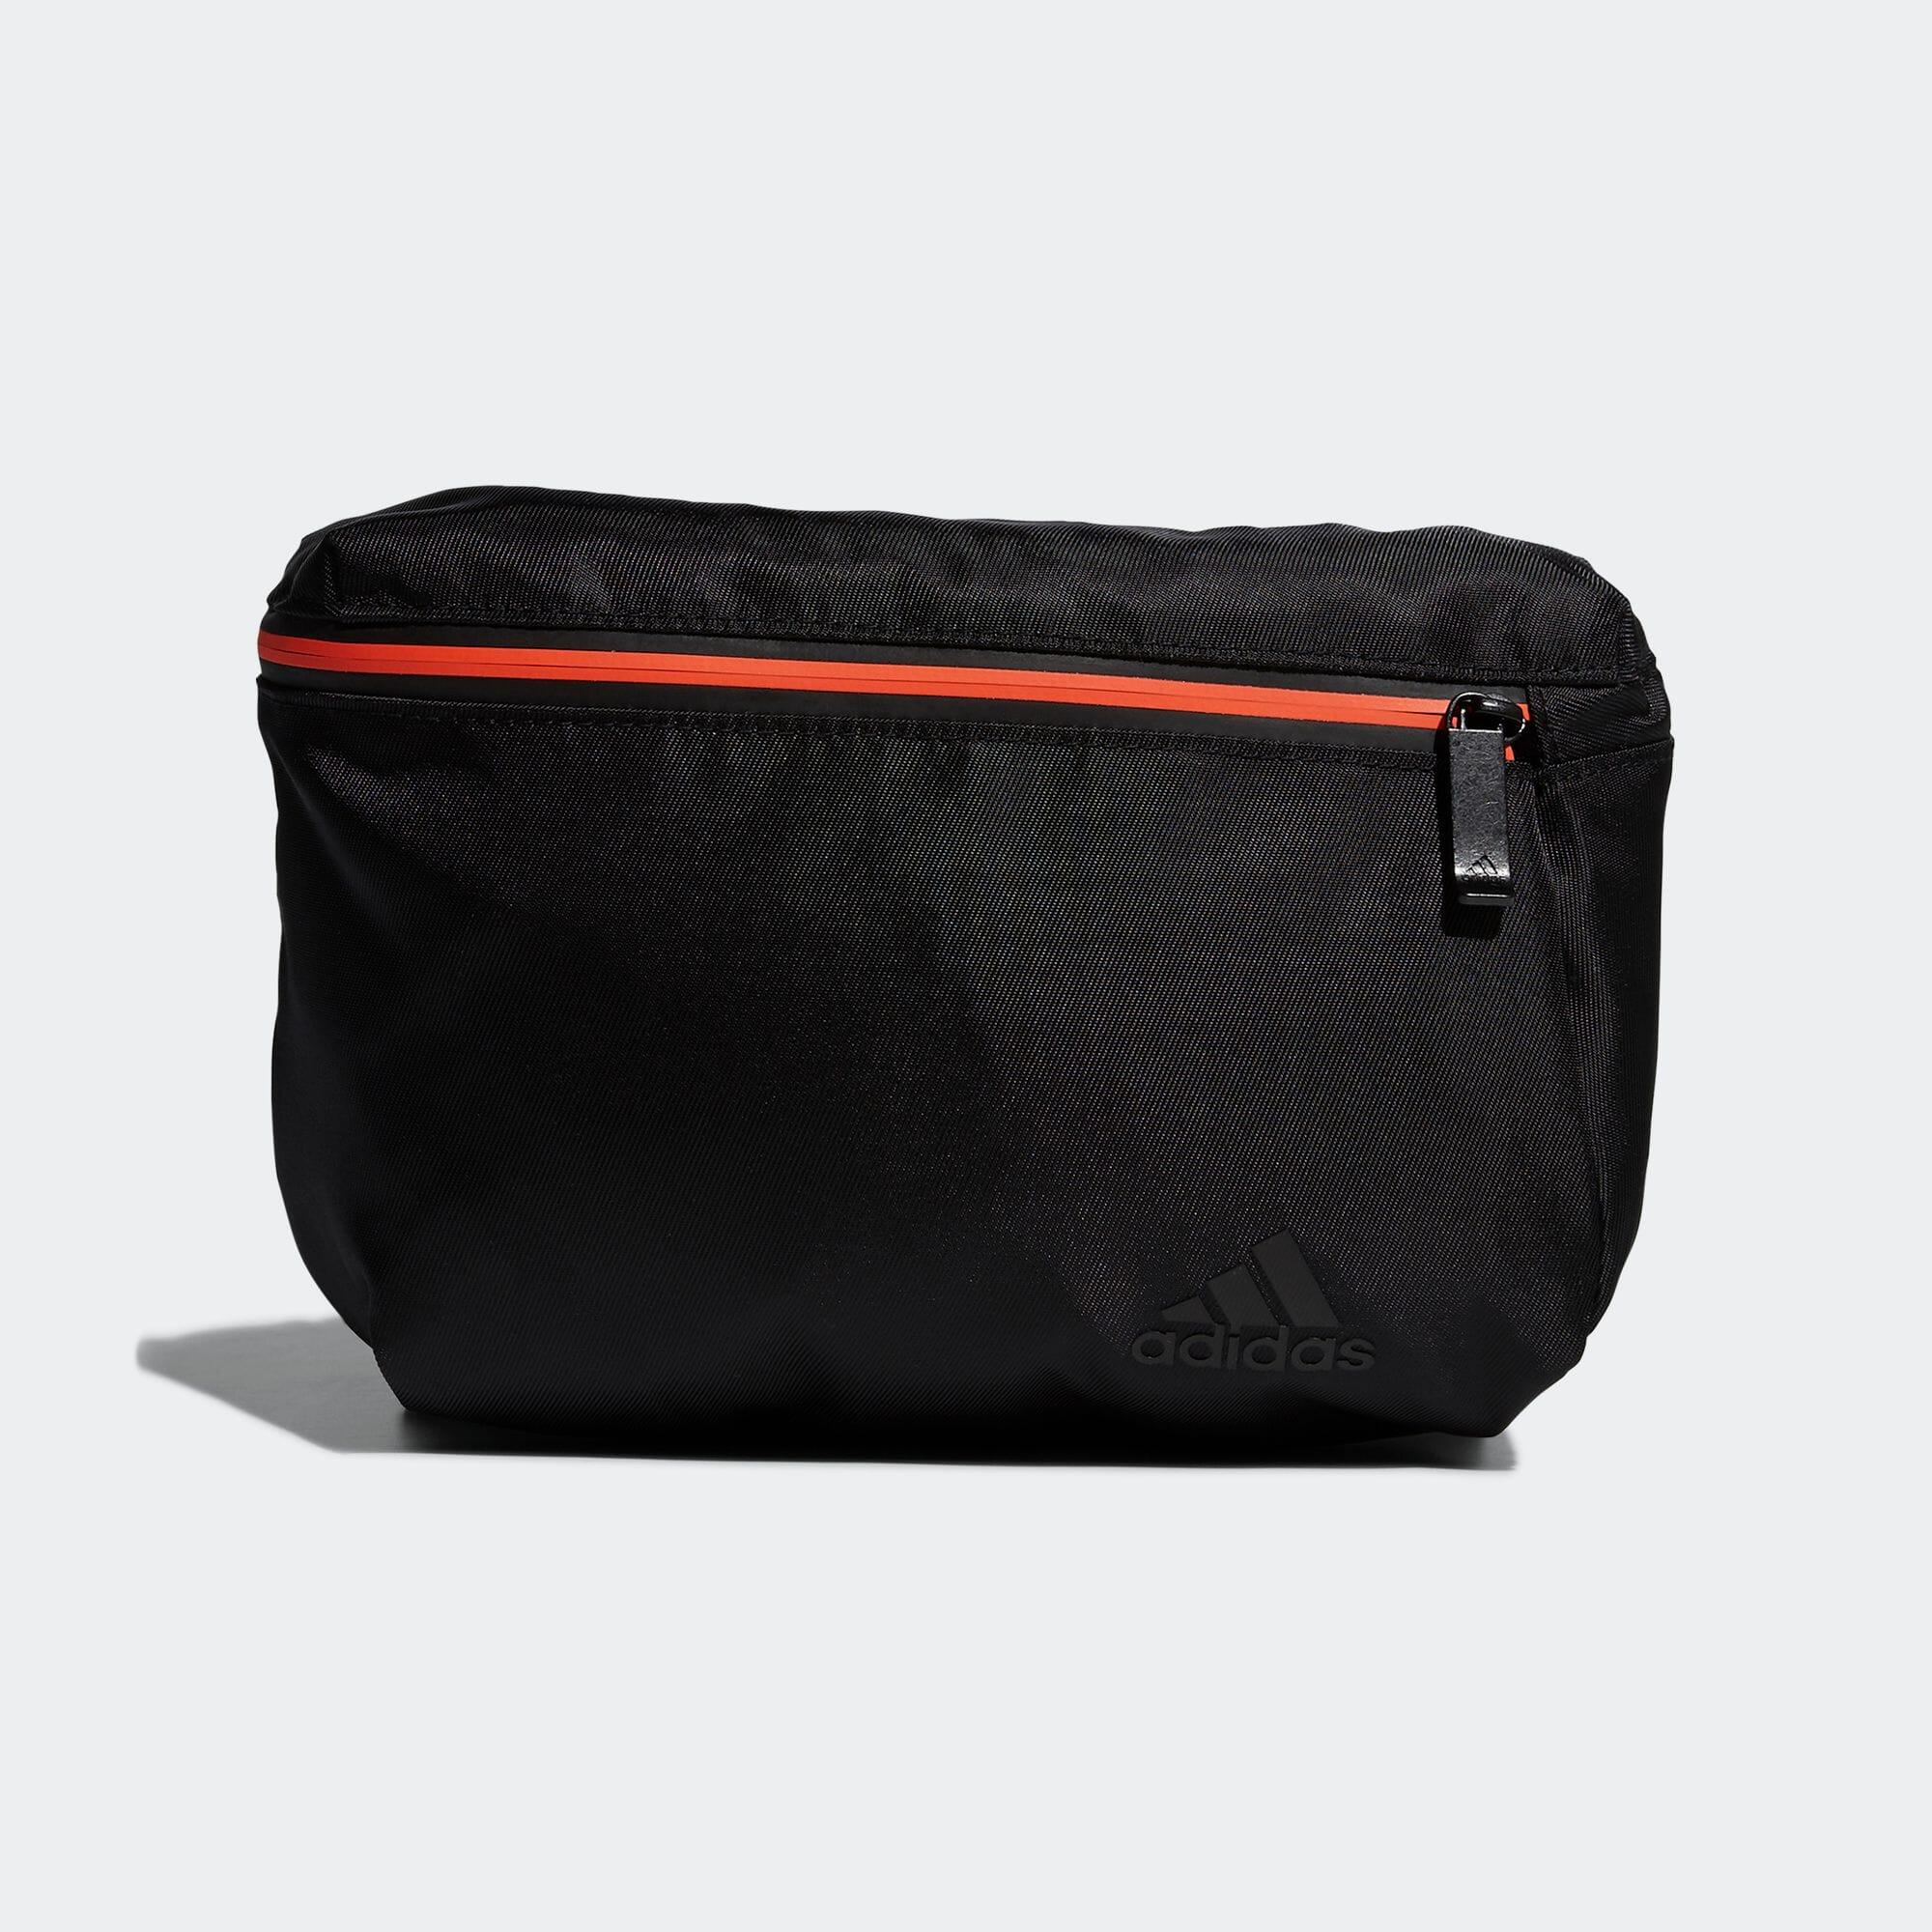 ウエストバッグ / Waist Bag